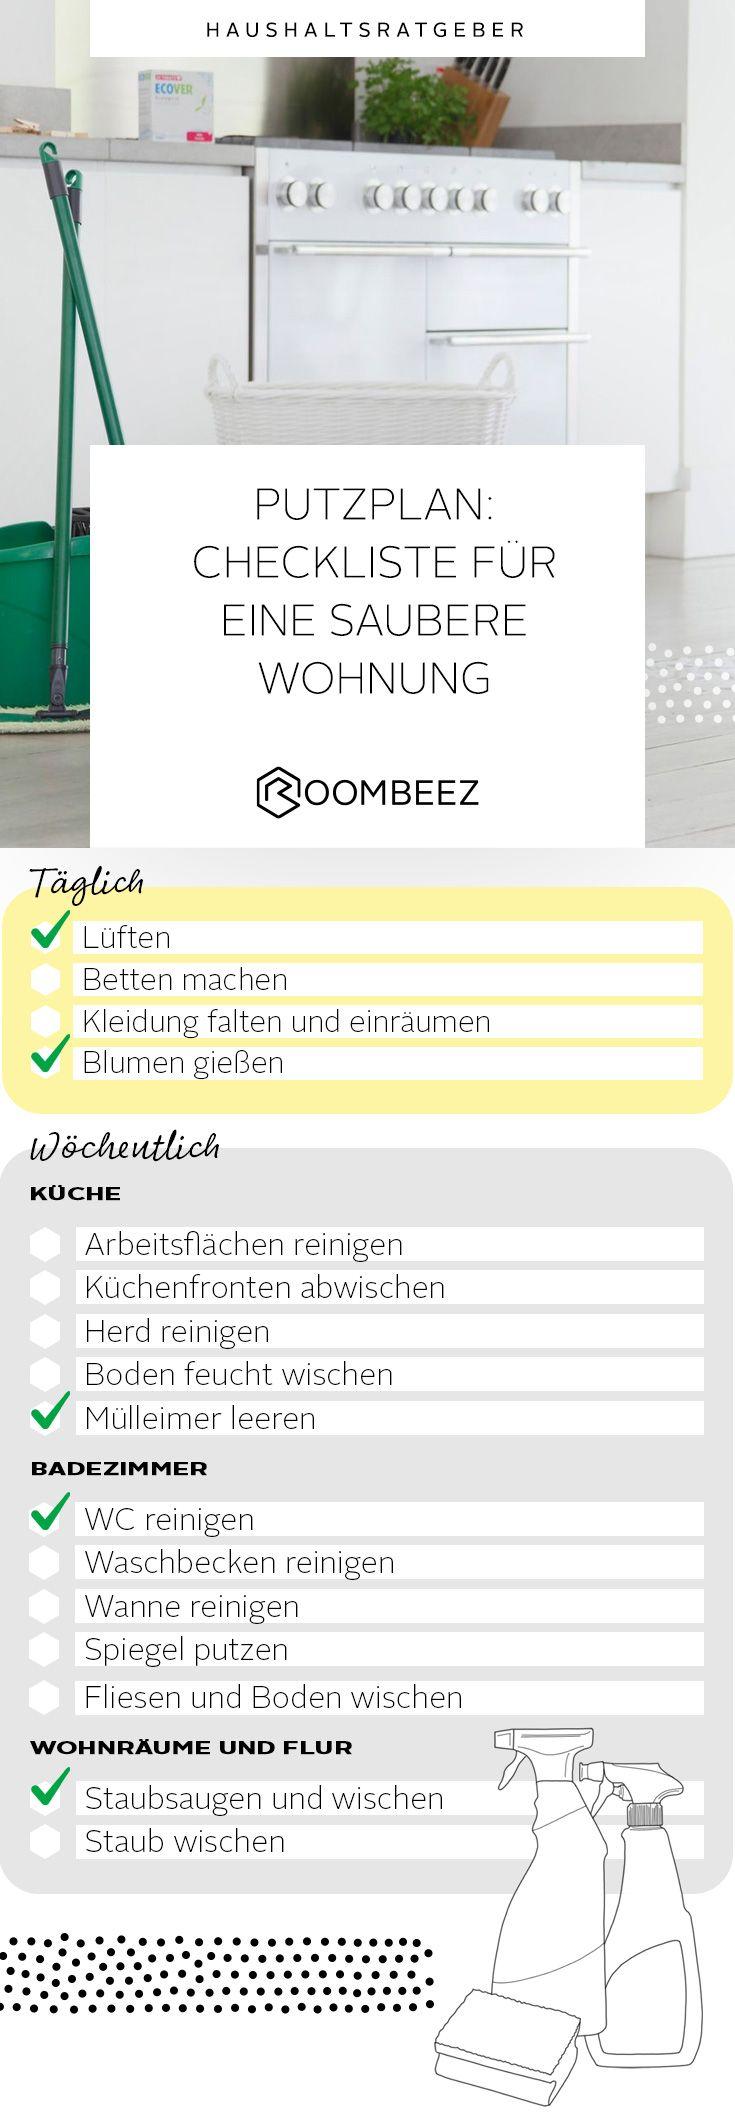 Putzplan mit Checkliste zum Ausdrucken �